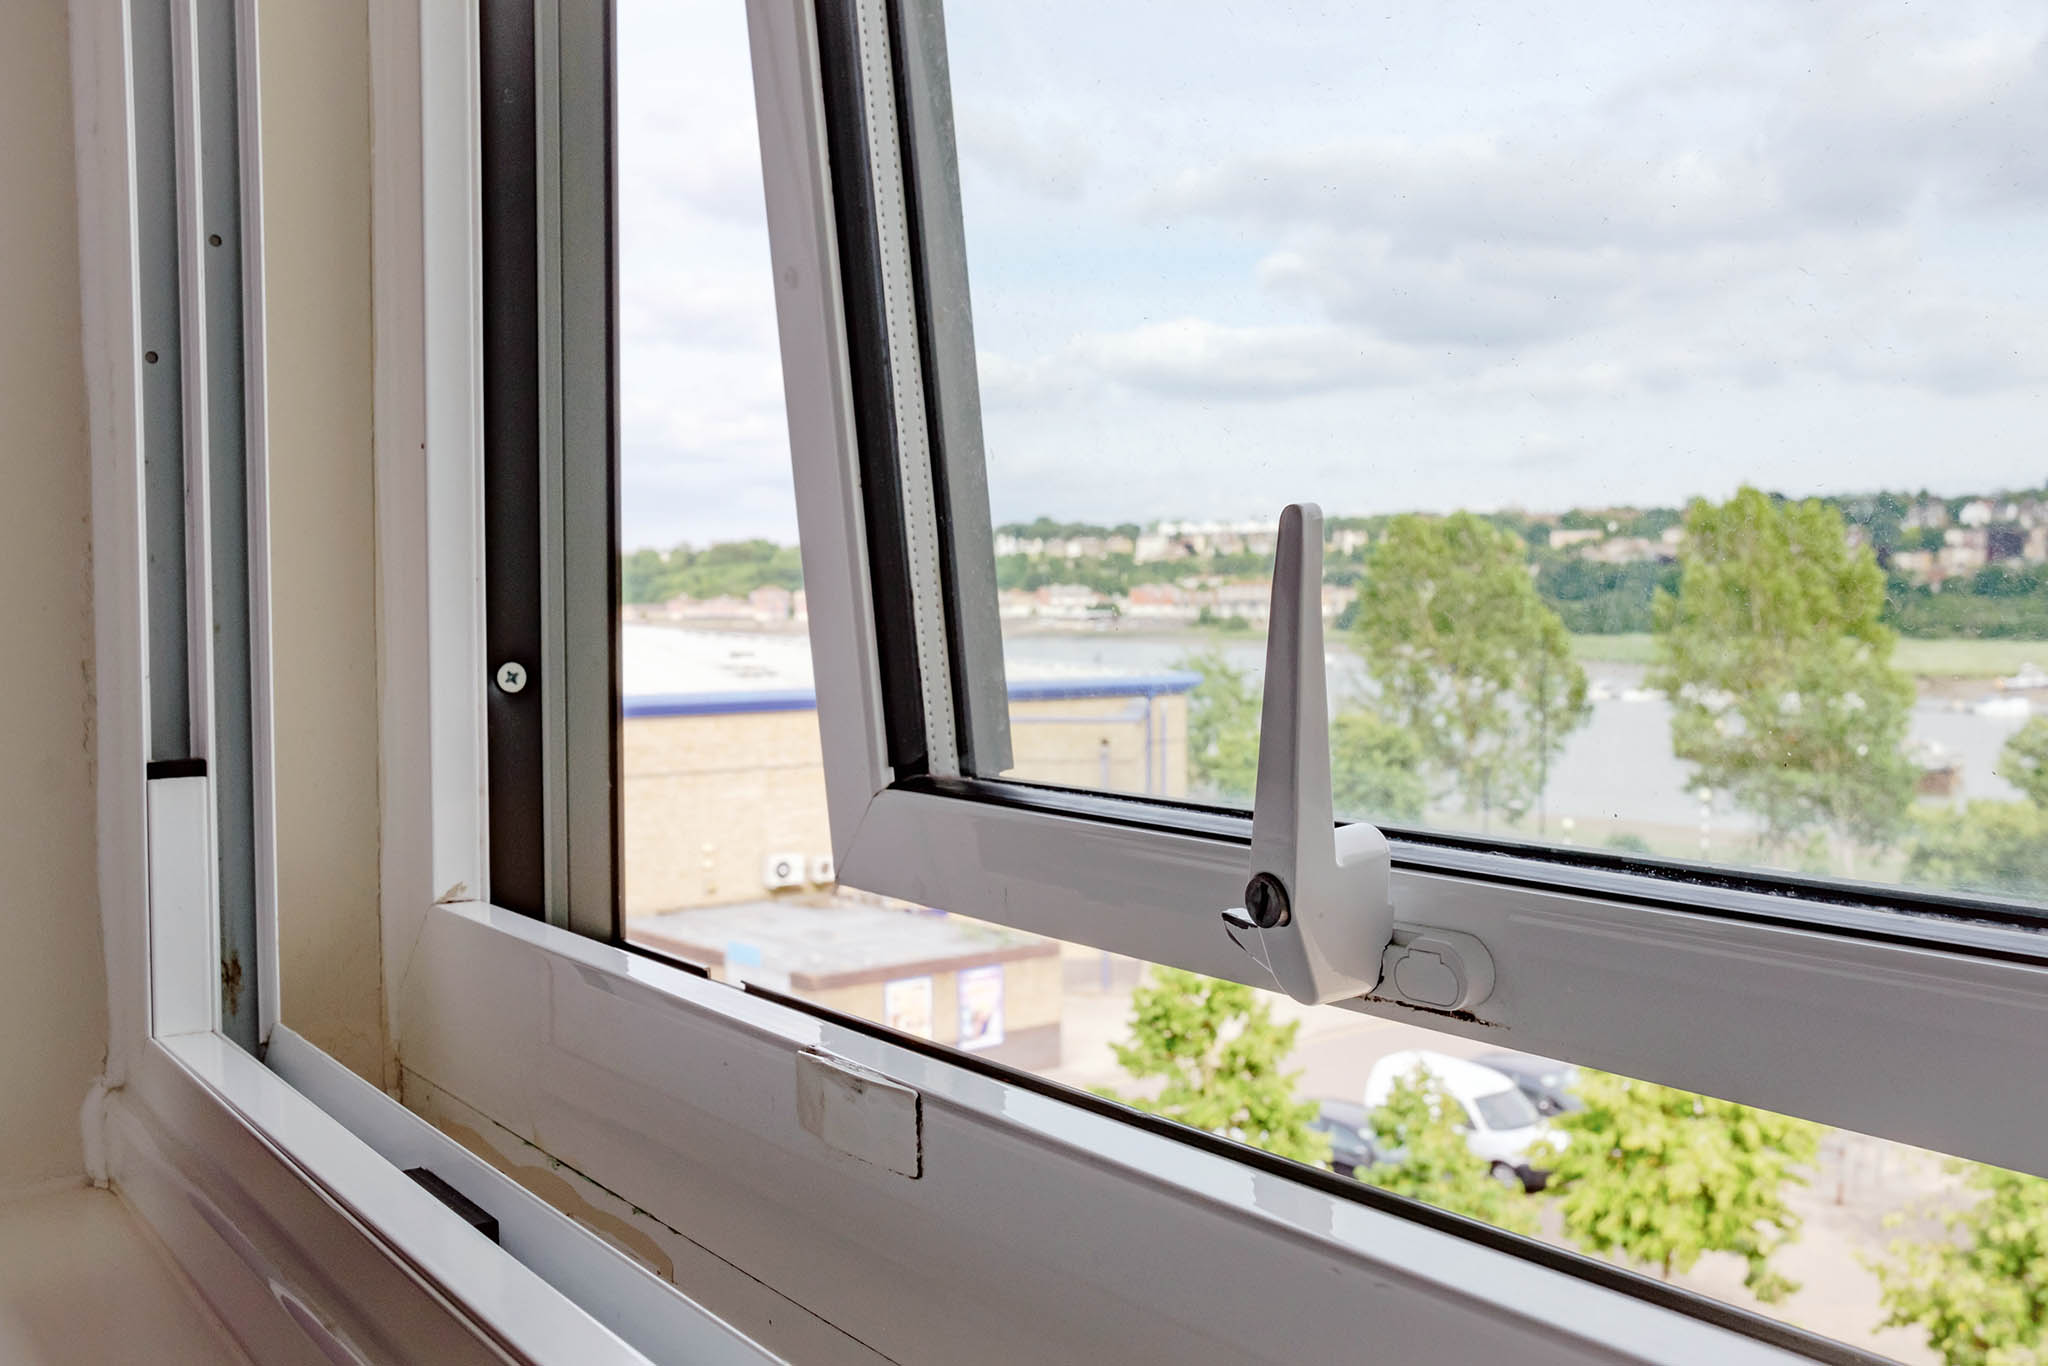 Nová těsná okna a dveře řeší problém s únikem tepla, ale znehodnocený vzduch nemá bohužel kudy odcházet a větráním okny přicházíme o hlavní výhodu zateplení - z domu se ztrácí teplo.